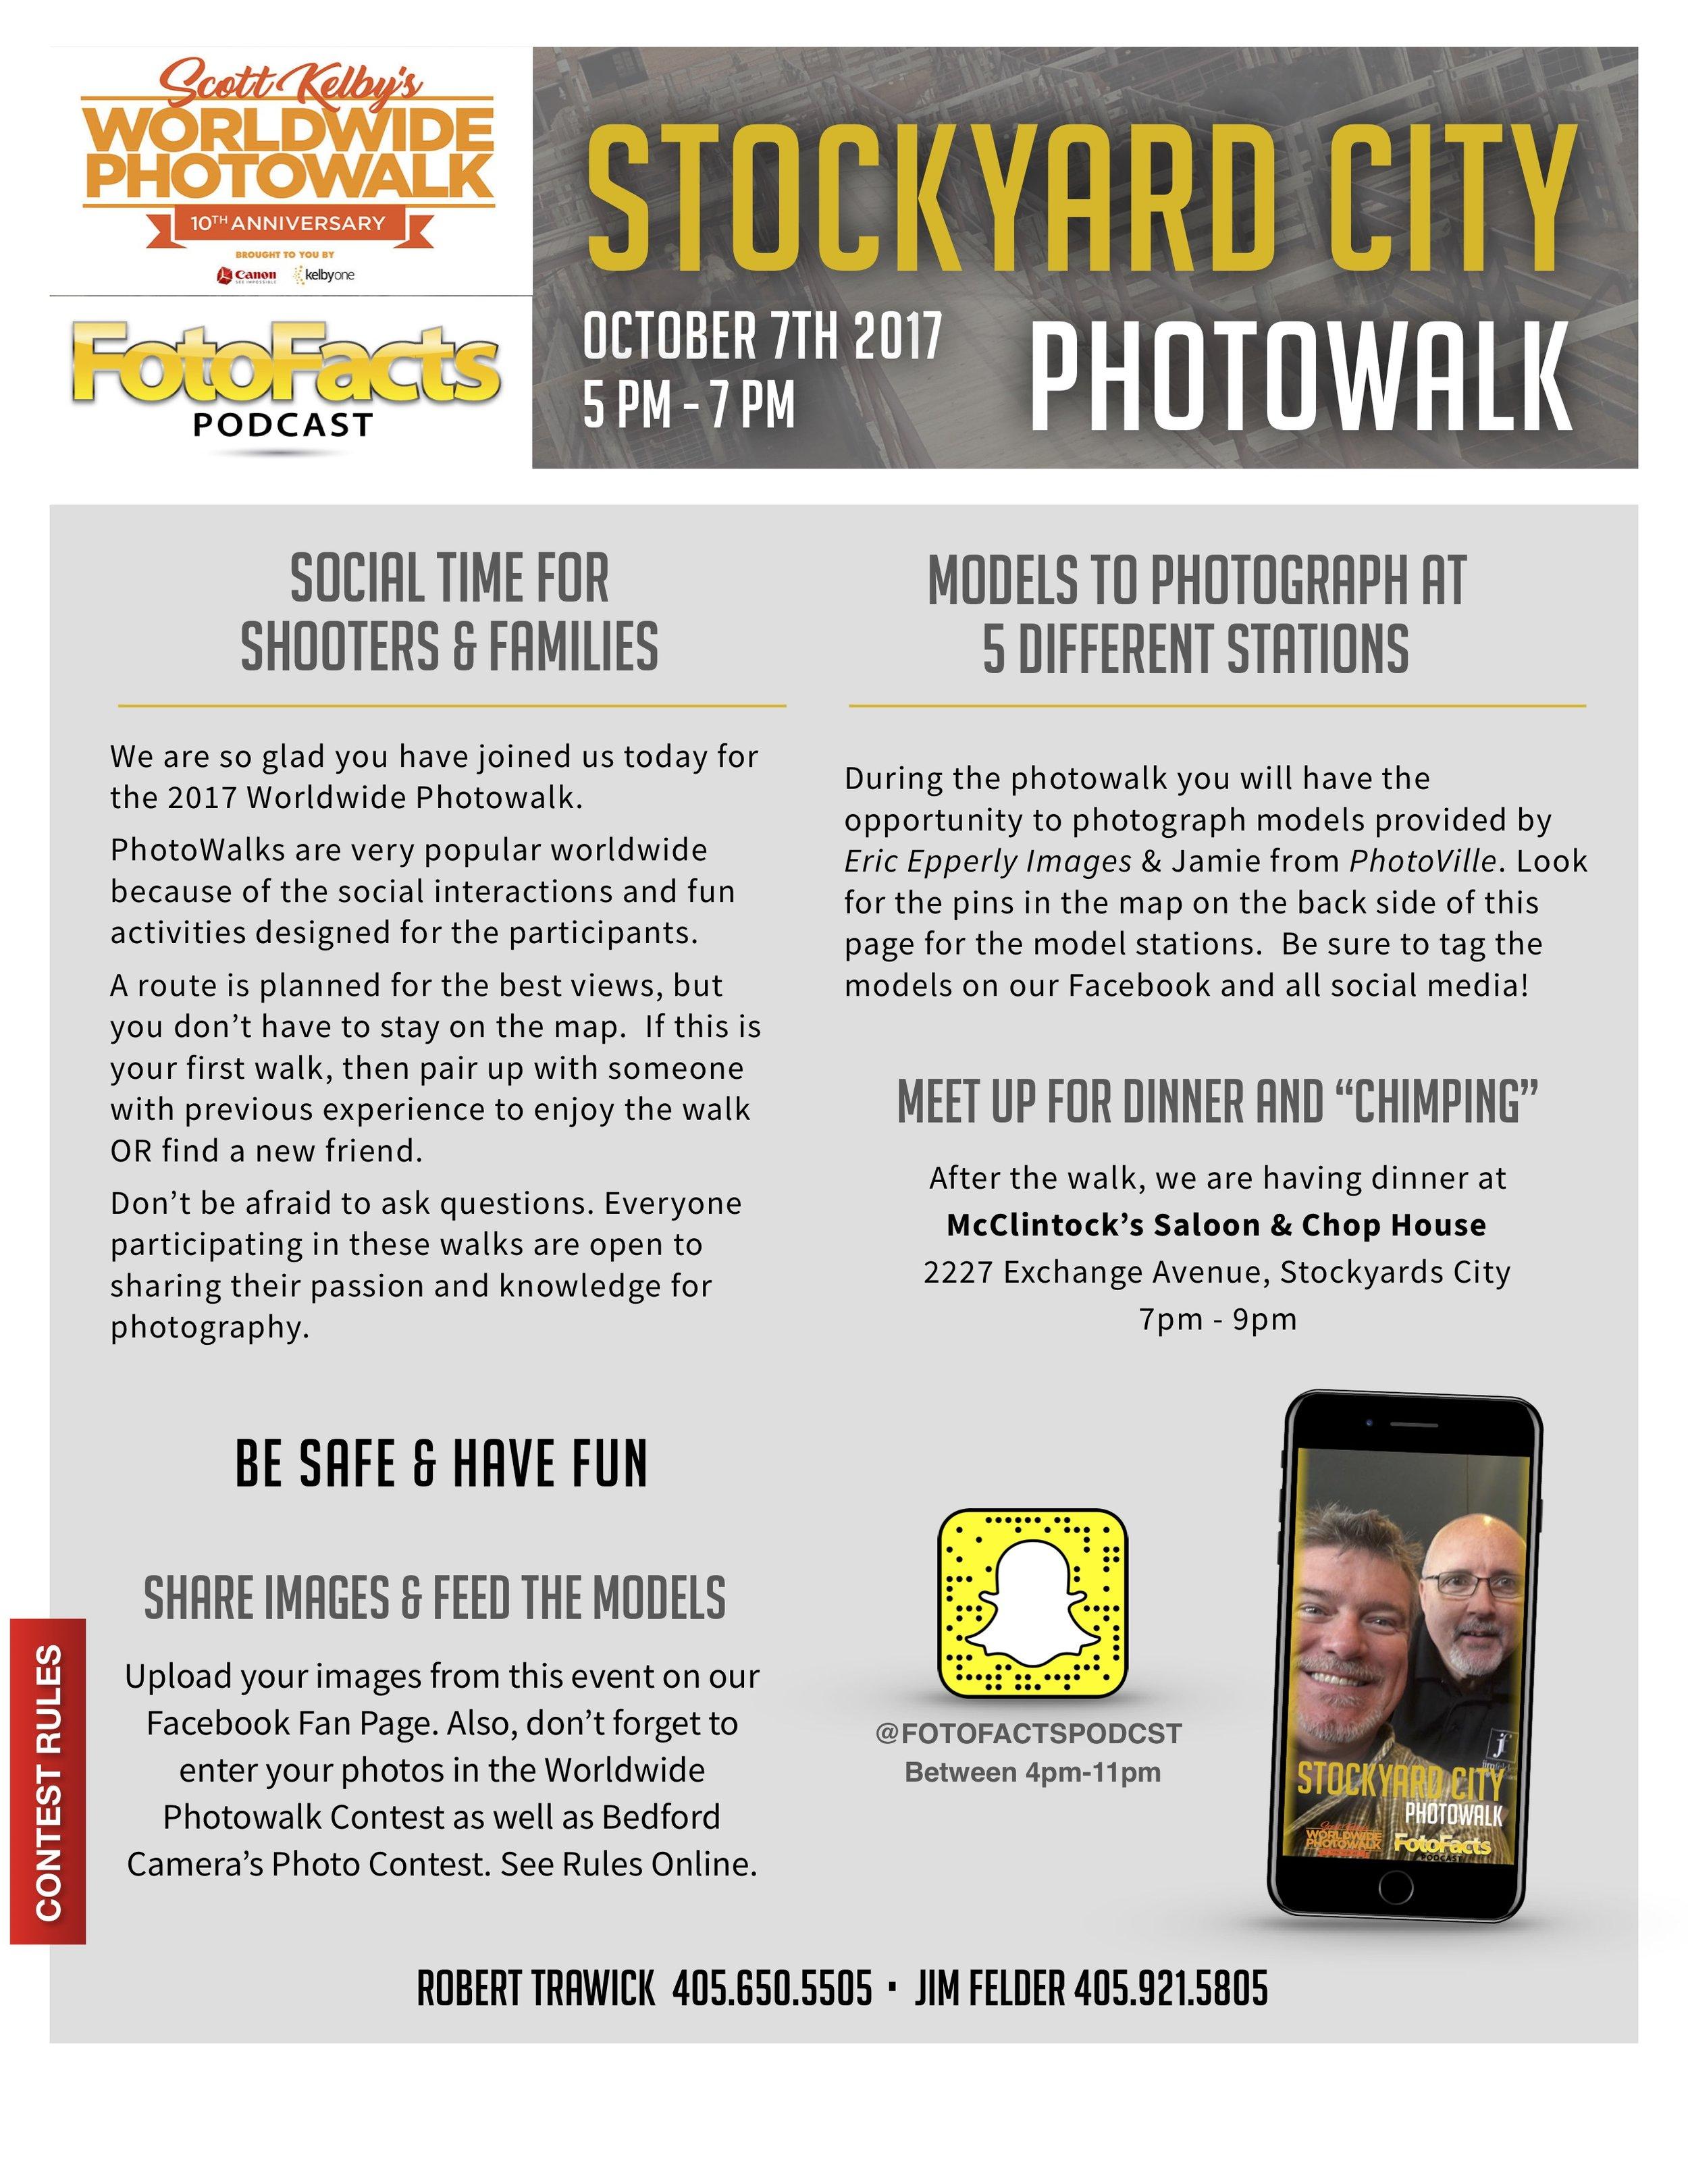 PhotoWalk Flyer from 2017  - Scott Kelby's World Wide PhotoWalk